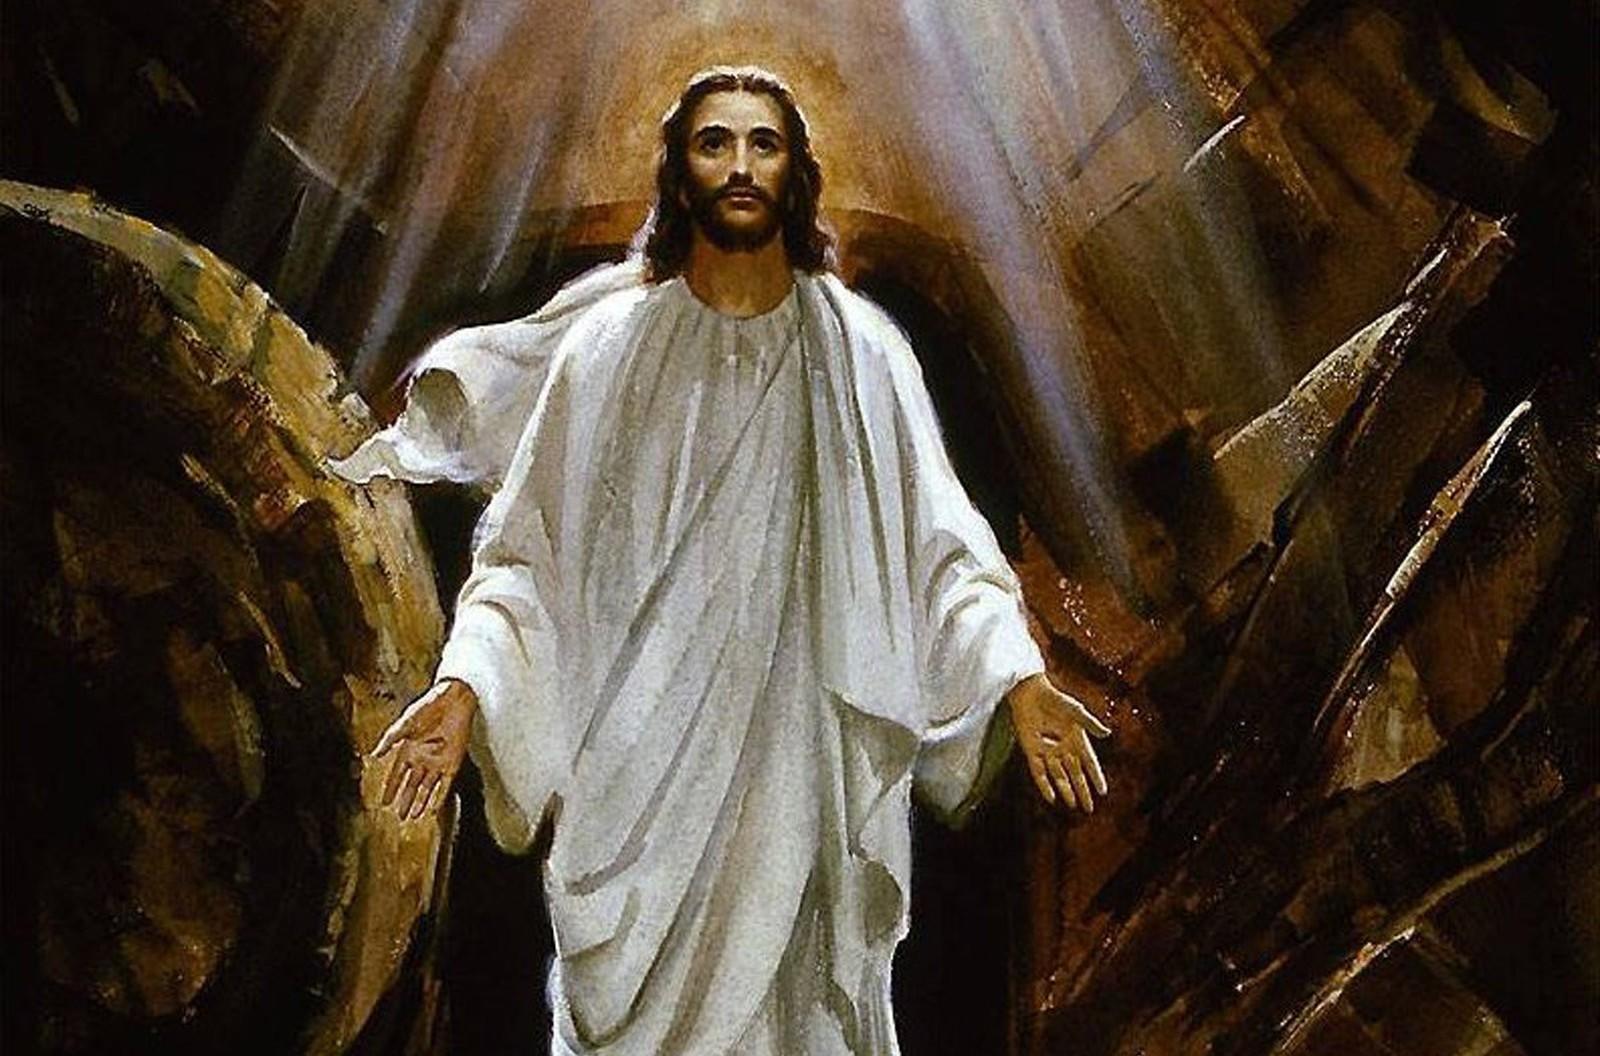 Jesucristo resucitado fondo